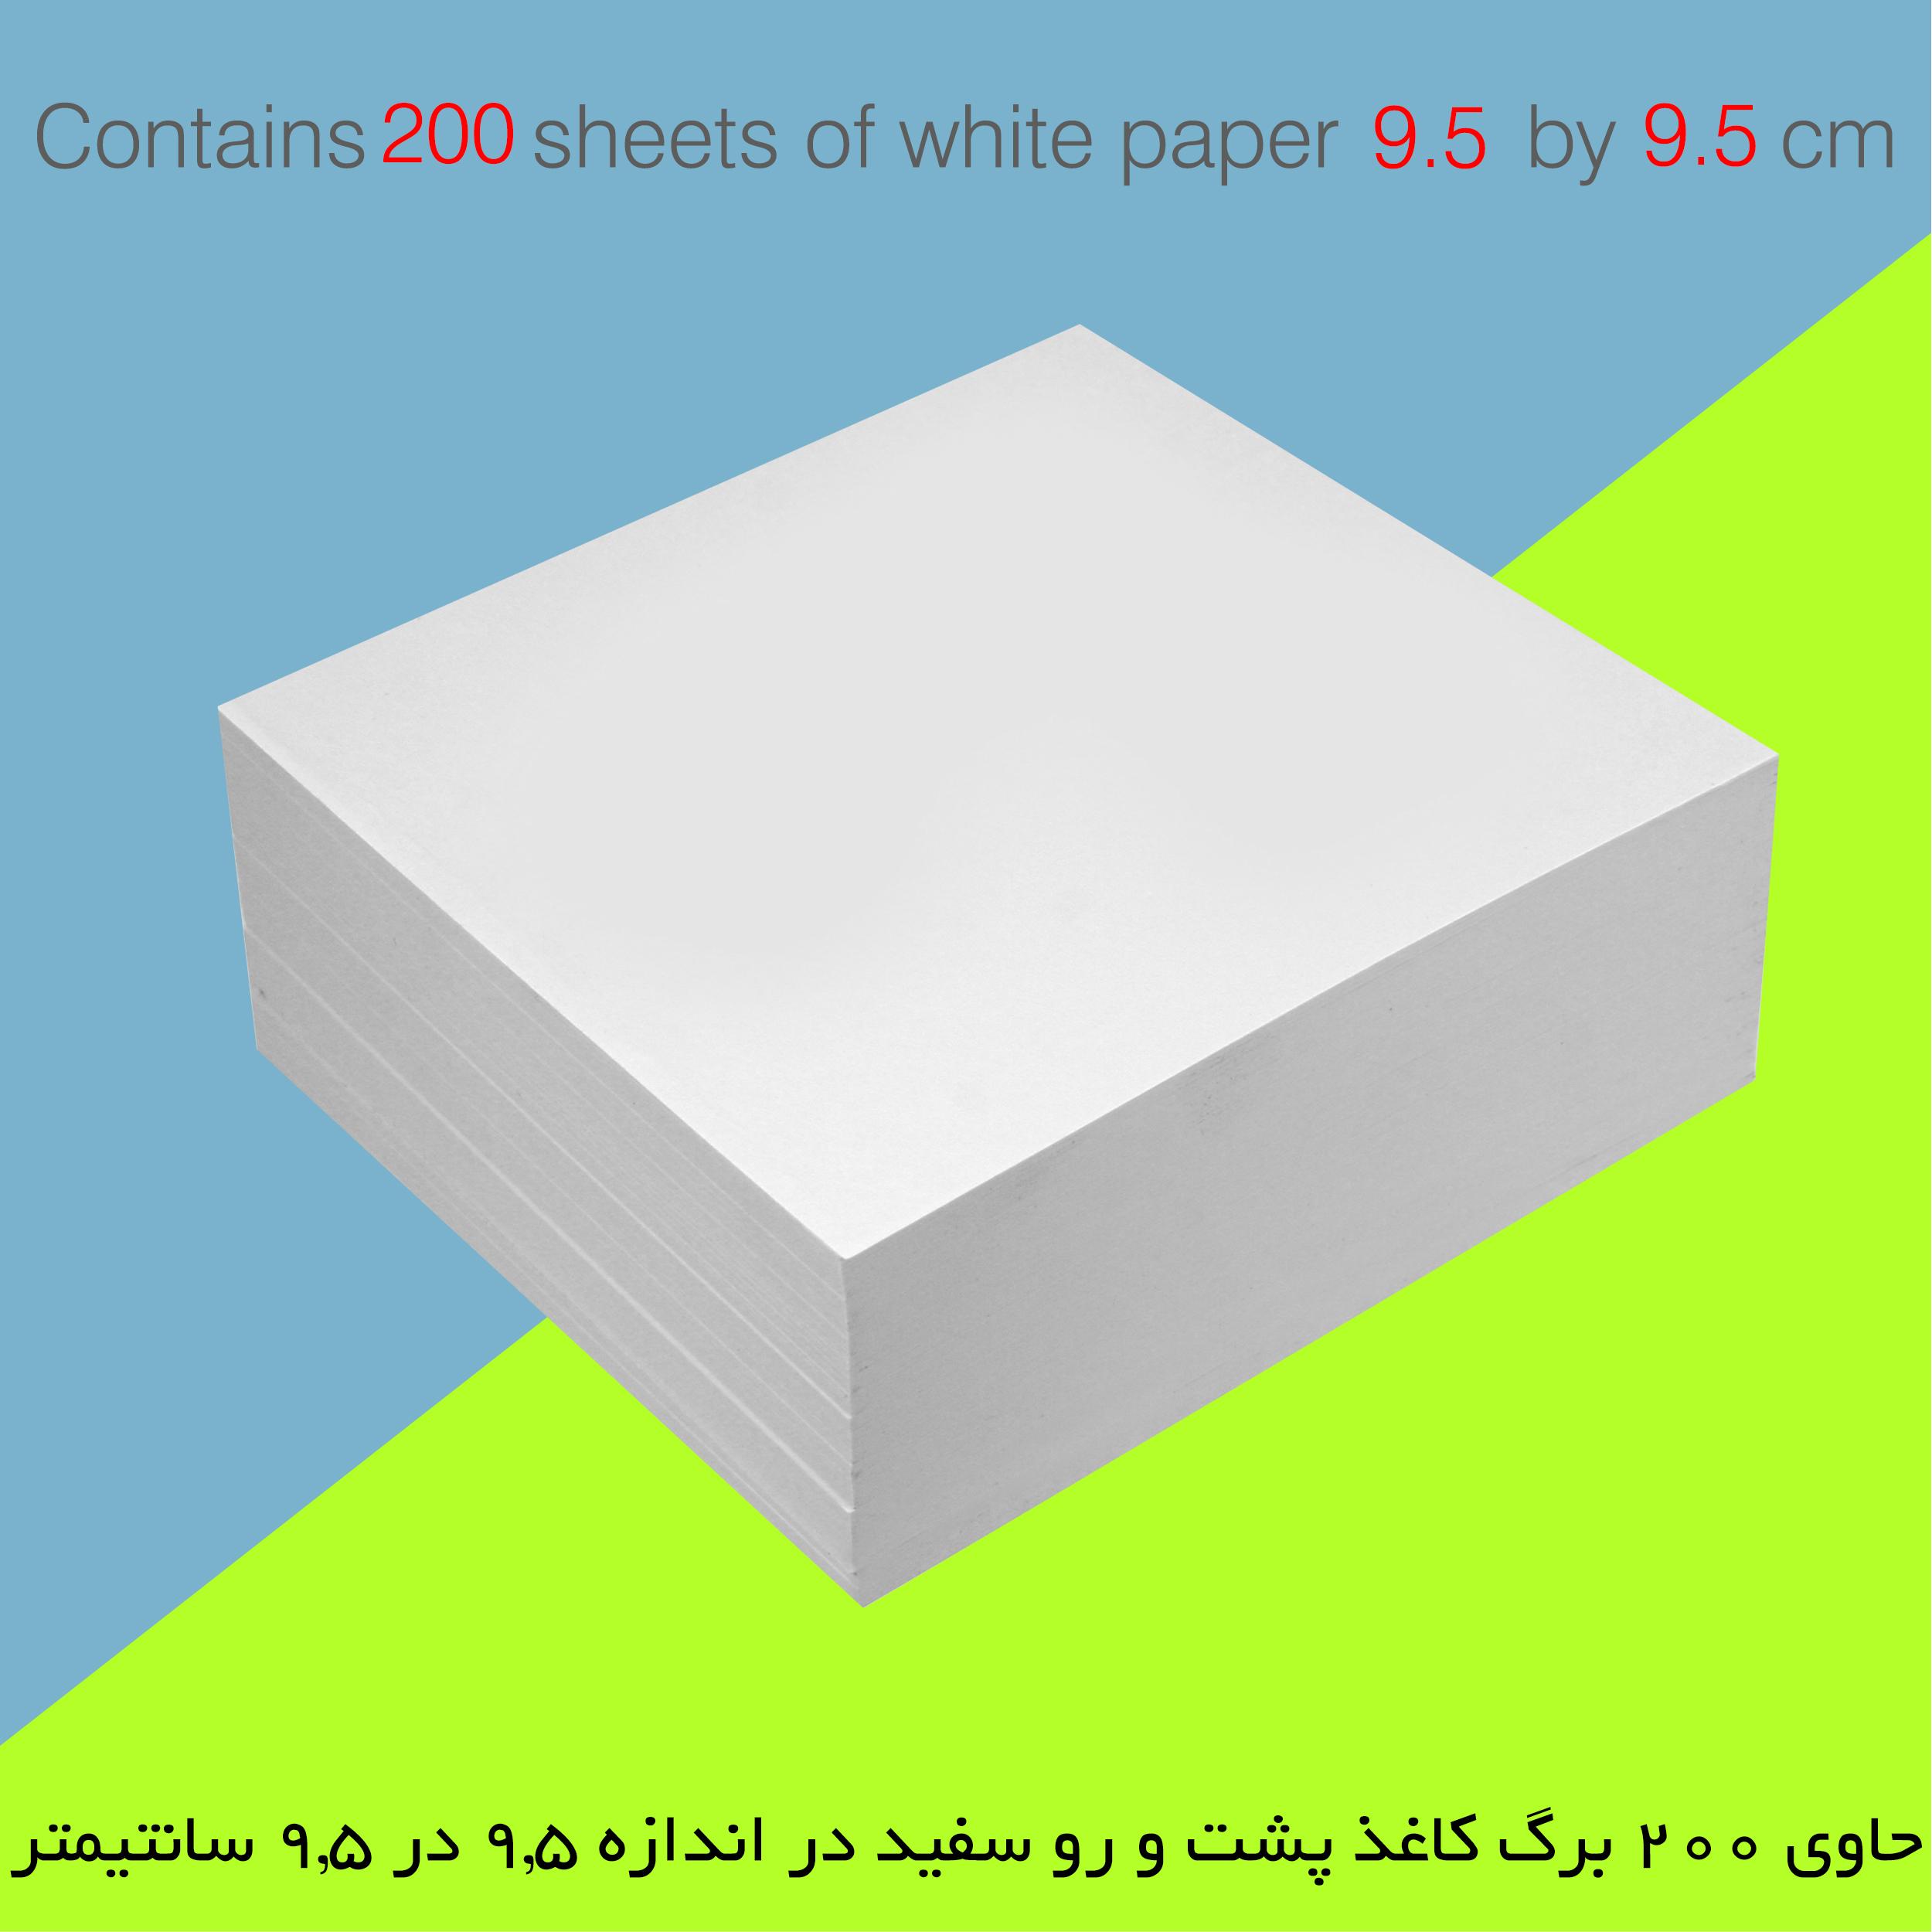 کاغذ یادداشت FG مدل تینا کد W-1388 بسته 200 عددی